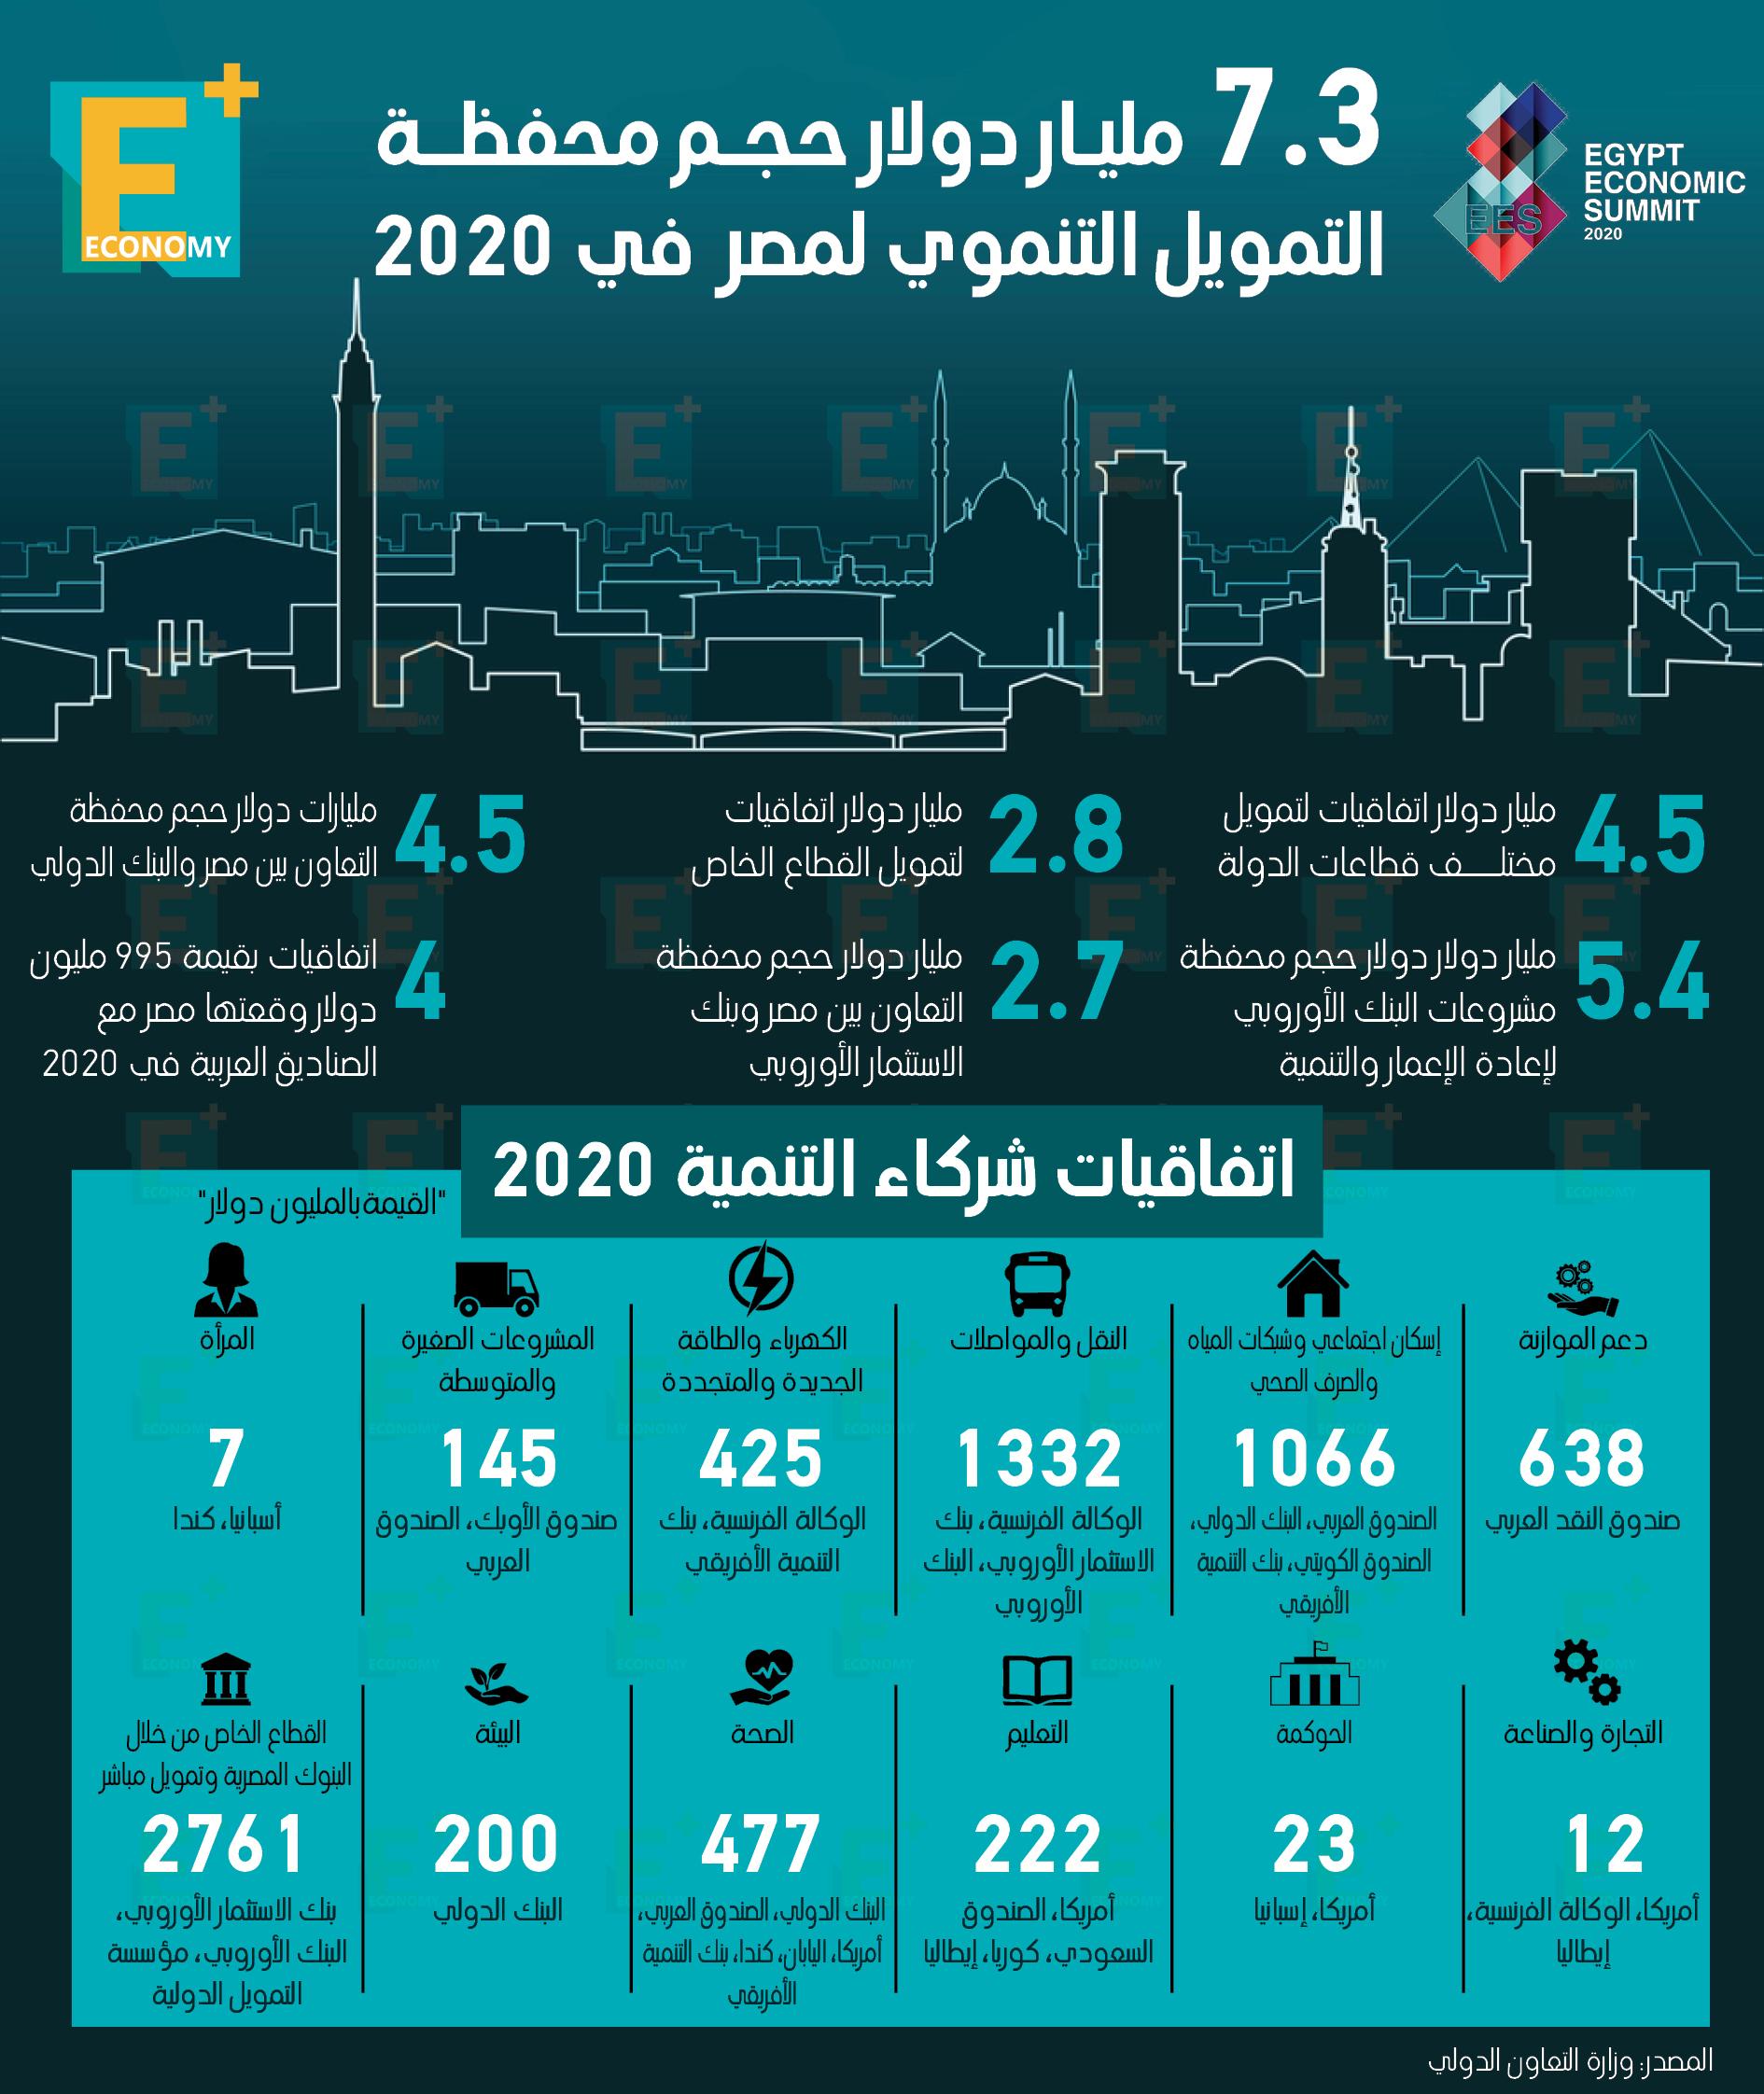 7.3 مليار دولار حجم محفظة التمويل التنموي لمصر في 2020